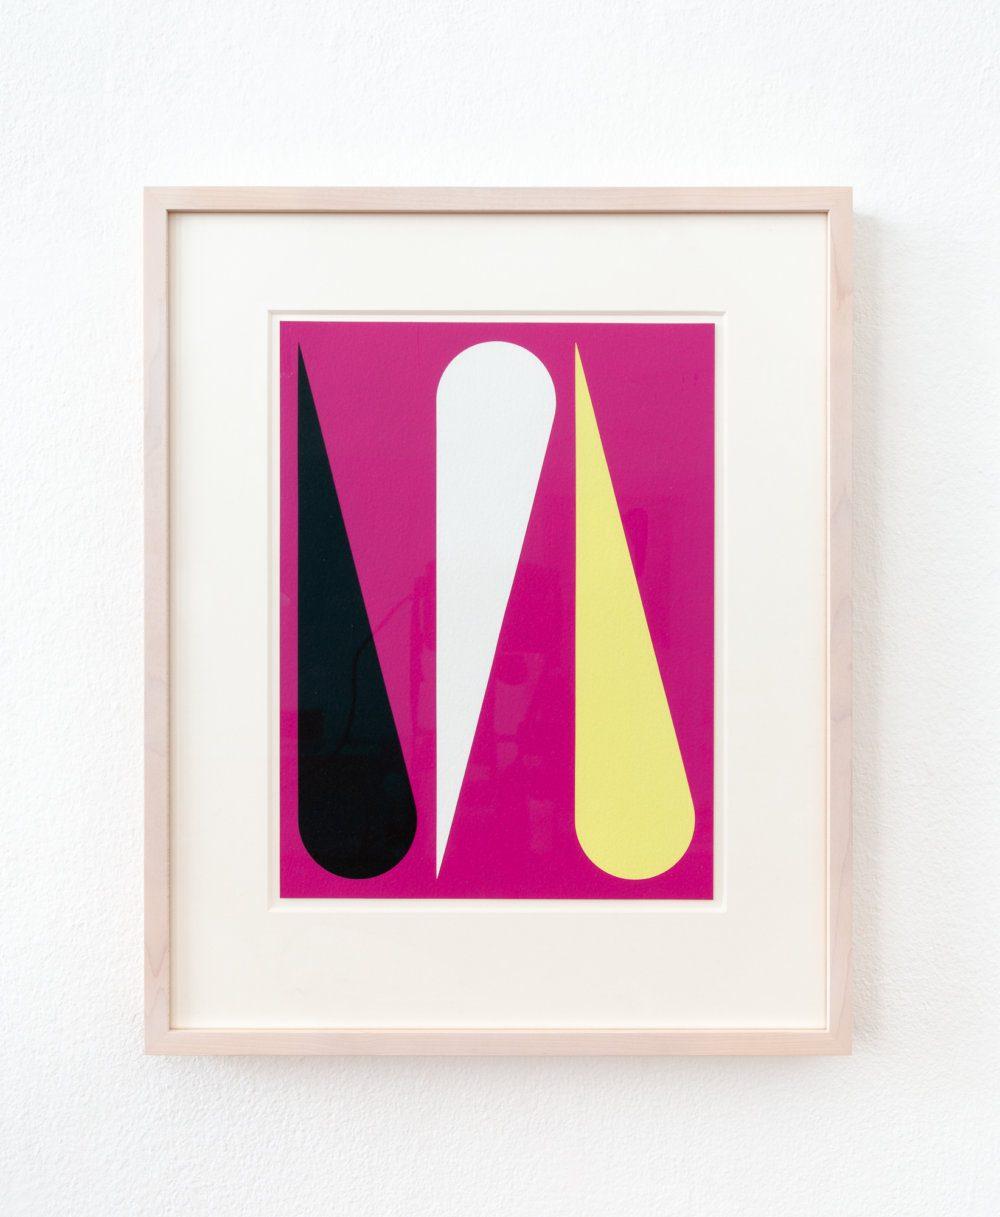 2017-12 Jan van der Ploeg WORK ON PAPER No.2017-12, Untitled, 2017, 29 x 22 cm., acrylic on paper in frame-Edit